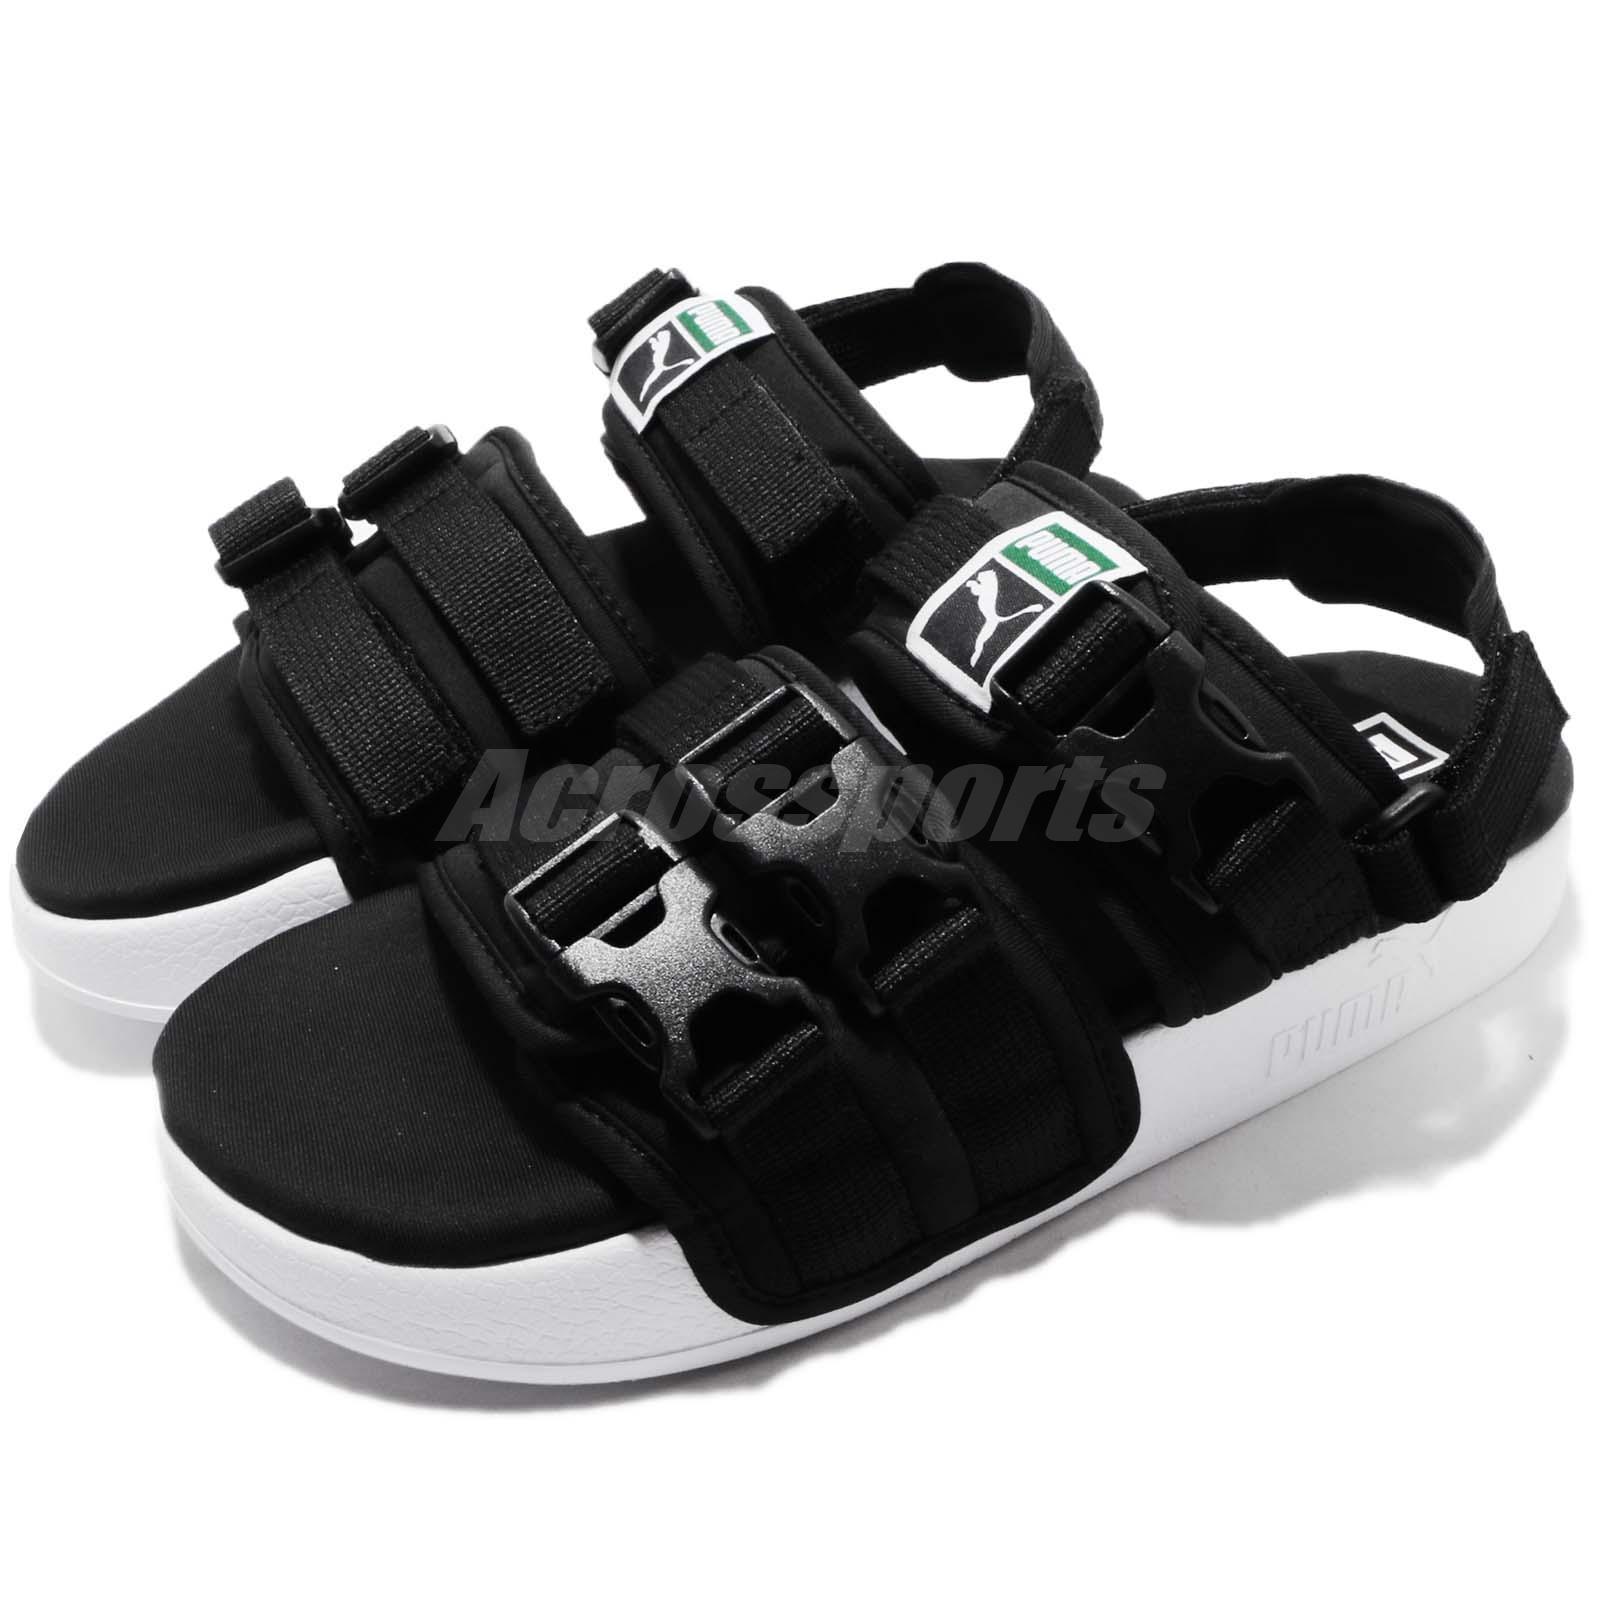 5ba65fb17b95 Details about Puma Leadcat YLM Black White One Click Men Lifestyle Sandal  Shoes 365630-01